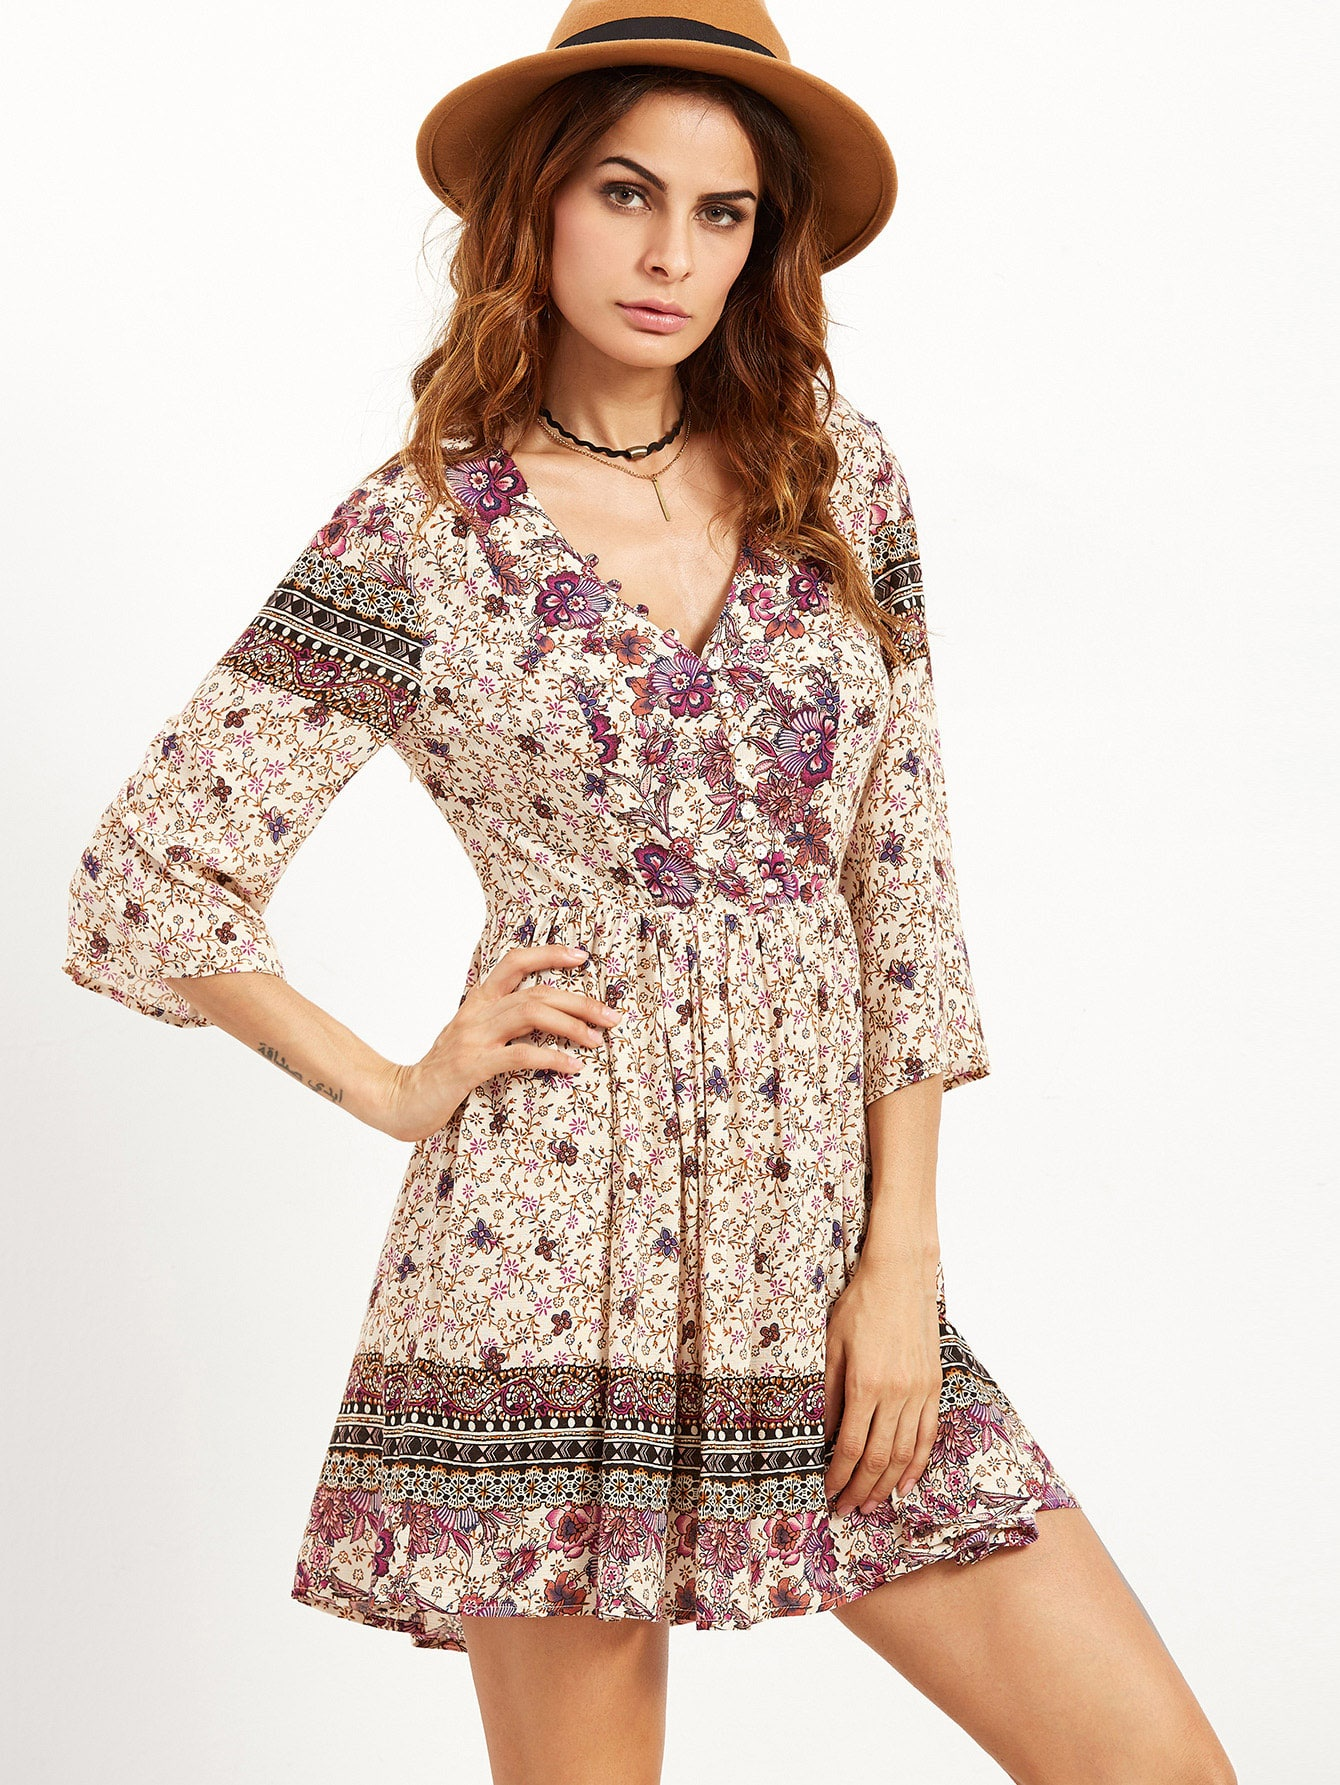 dress160831461_2